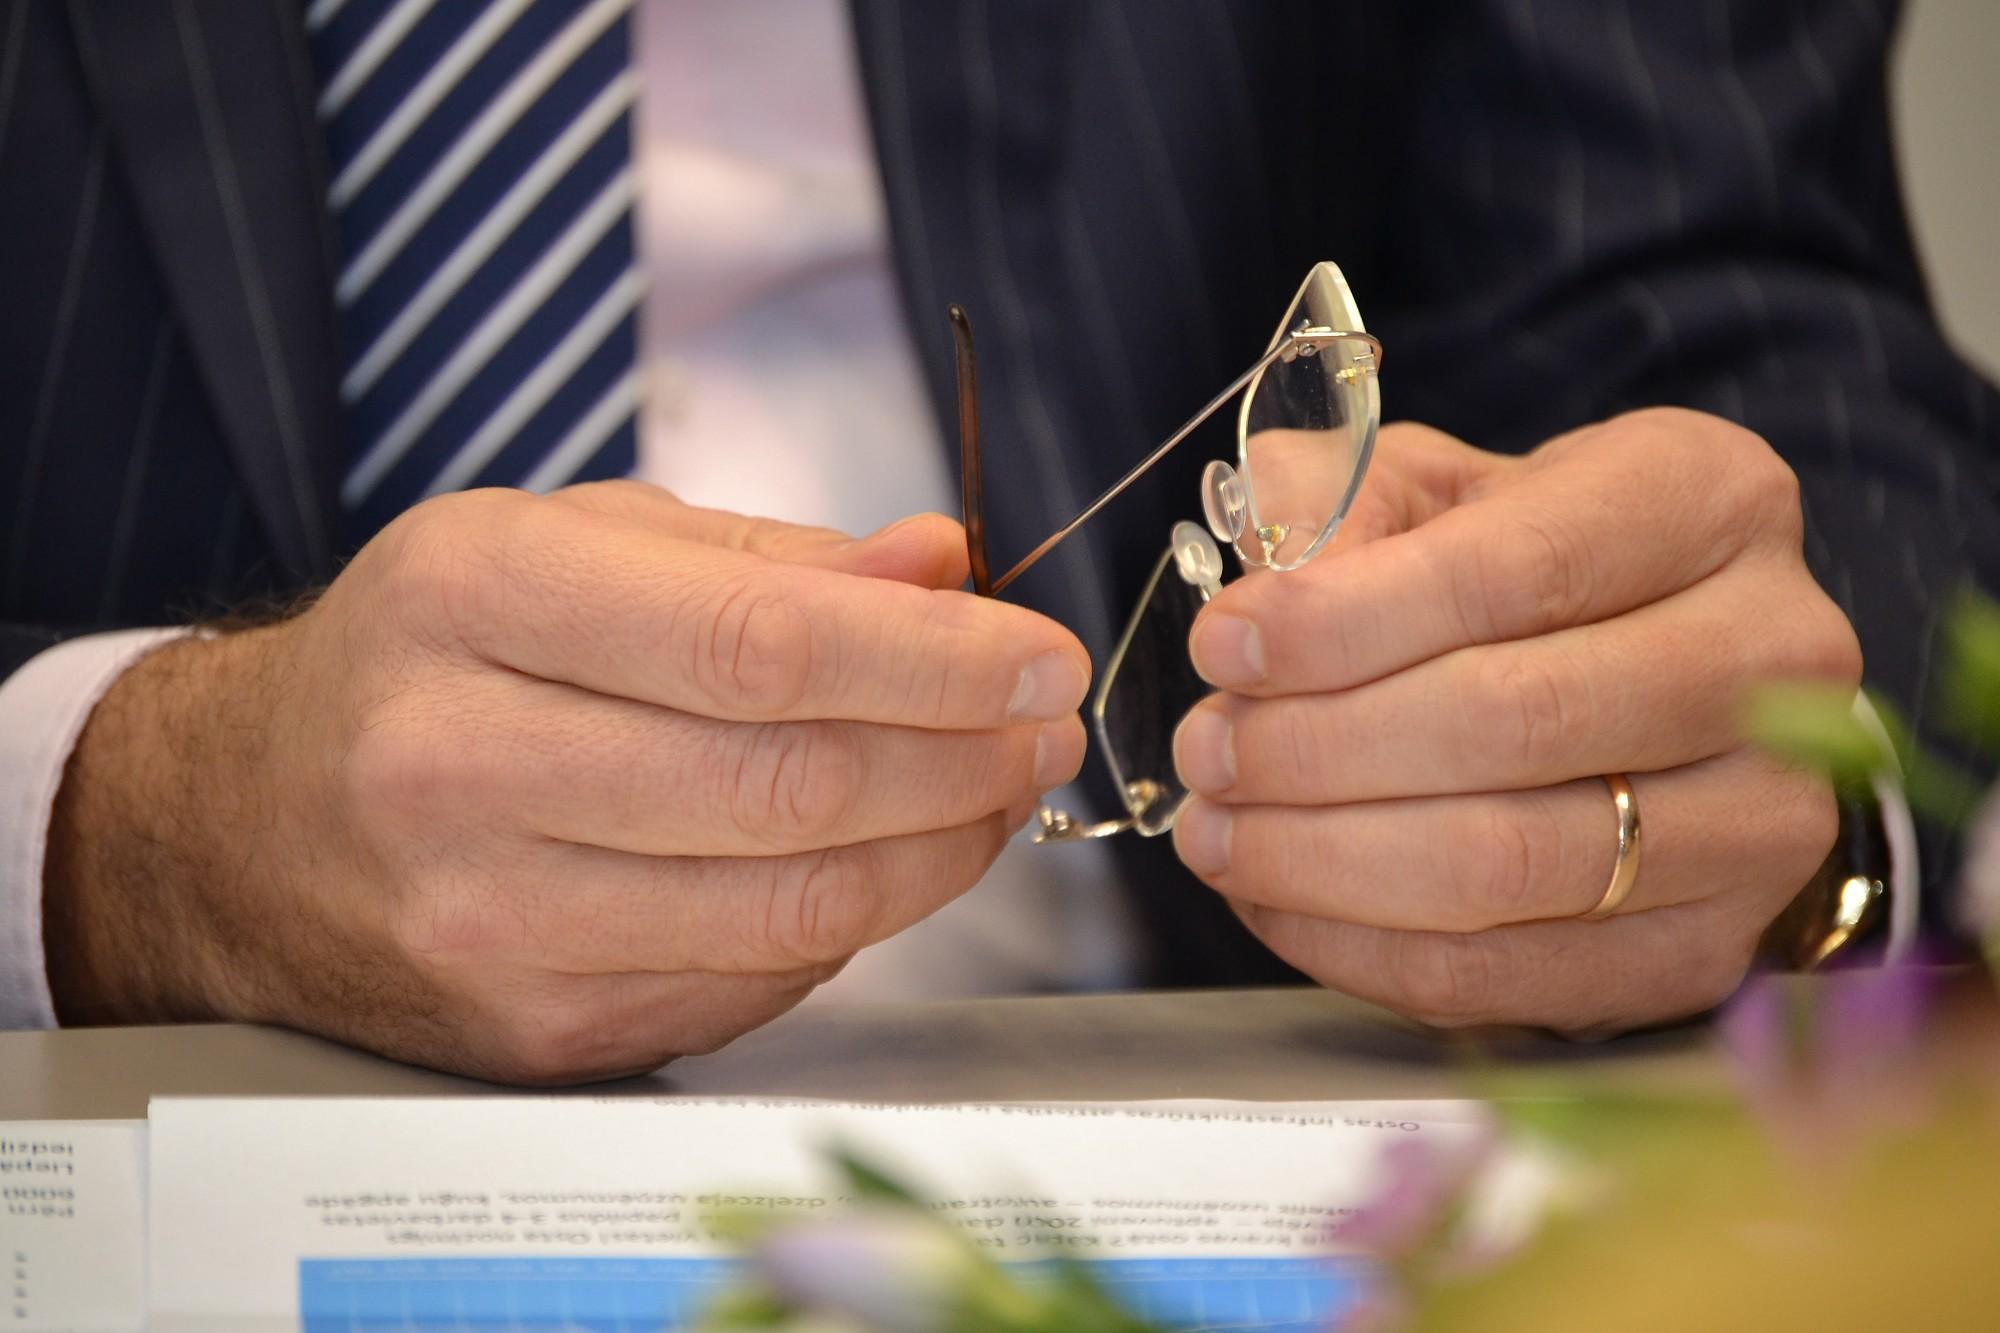 Pašvaldība aptaujā Pāvilostas novada iedzīvotājus par teritoriālo reformu